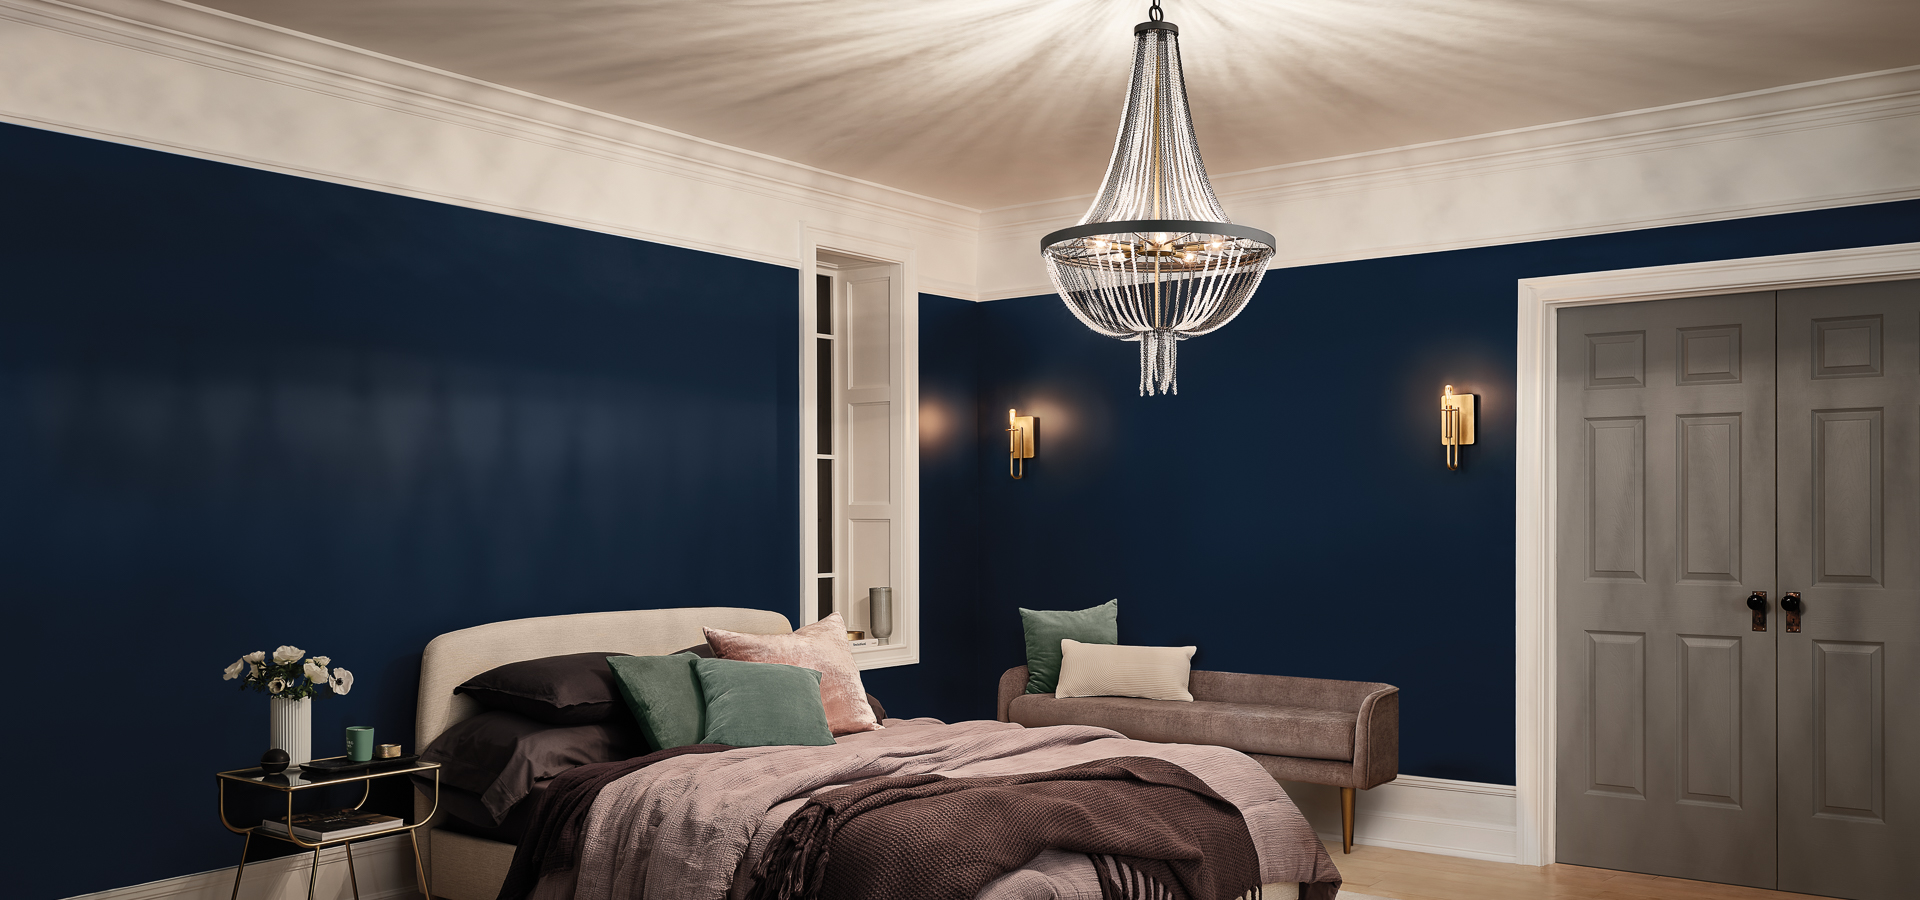 Kichler Lighting Pendant Ceiling